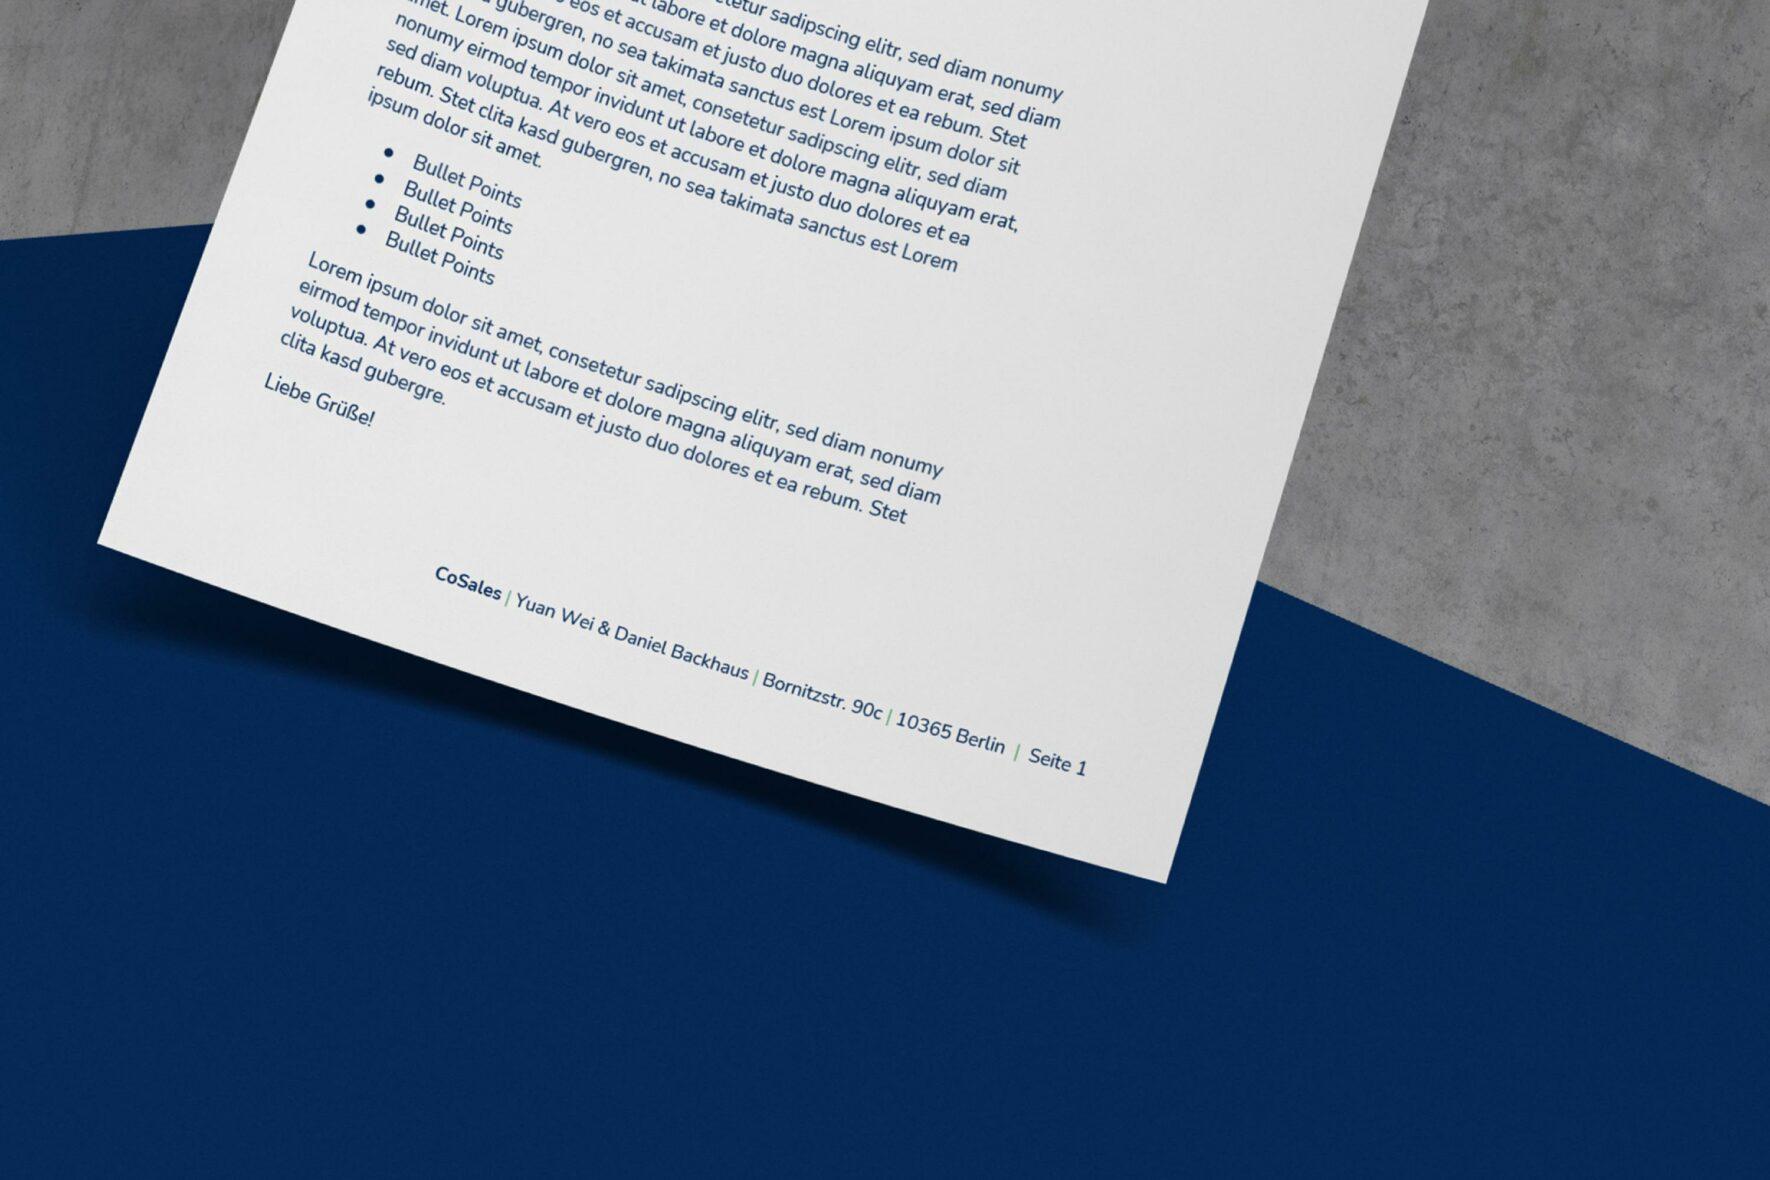 Briefpapier-CoSales-Corporate-Design-FORMLOS-Berlin-Gestaltung-Geschaeftsausstattung-2